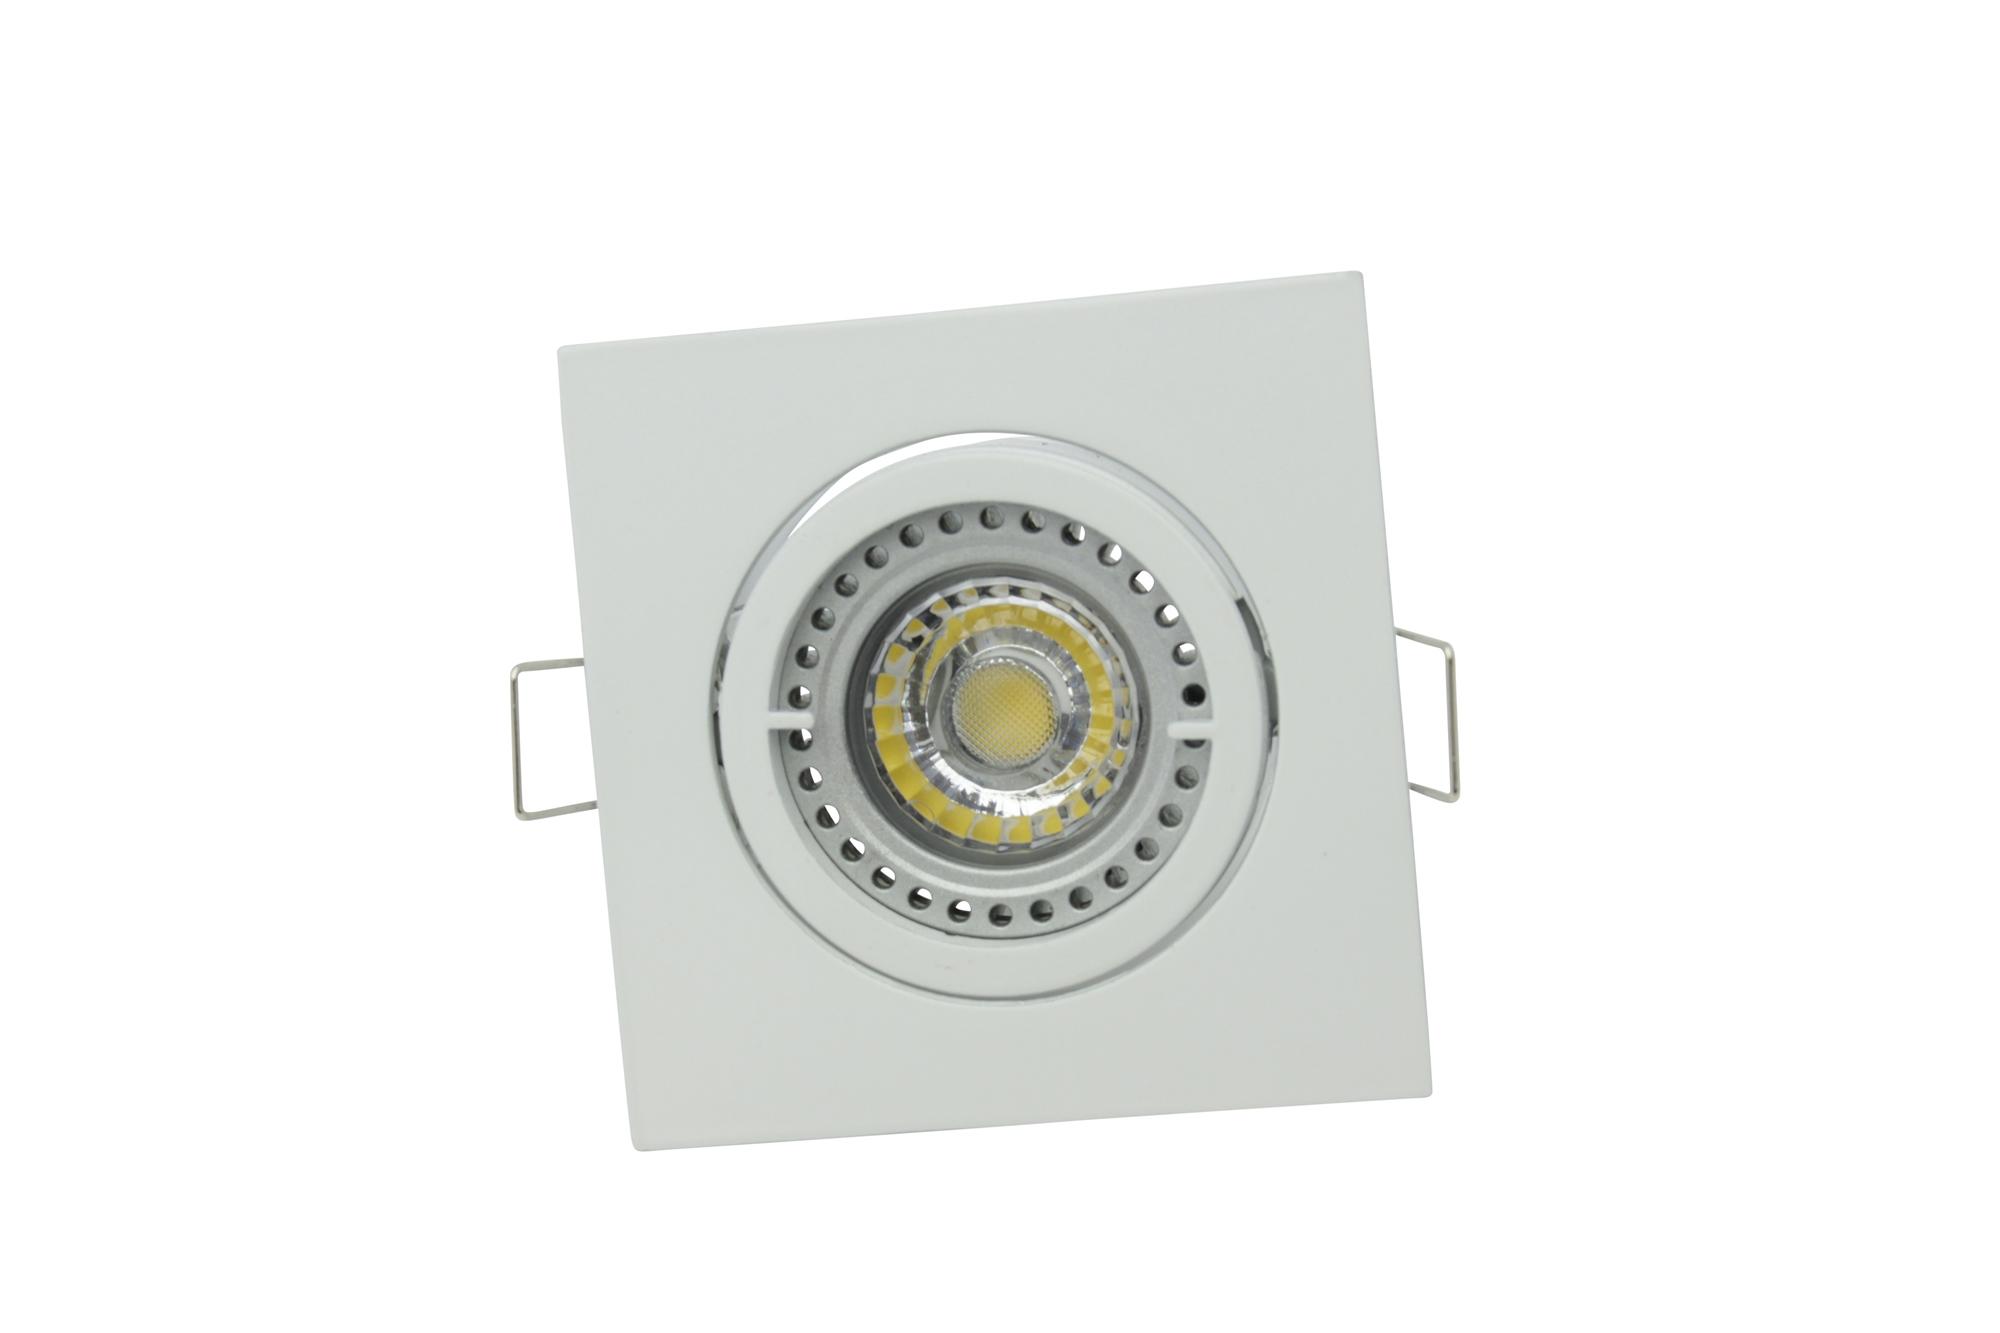 Lampenlux Einbaustrahler Spot Snap eckig weiß schwenkbar 8.2x8.2cm 12V MR16 rostfrei Aluminium